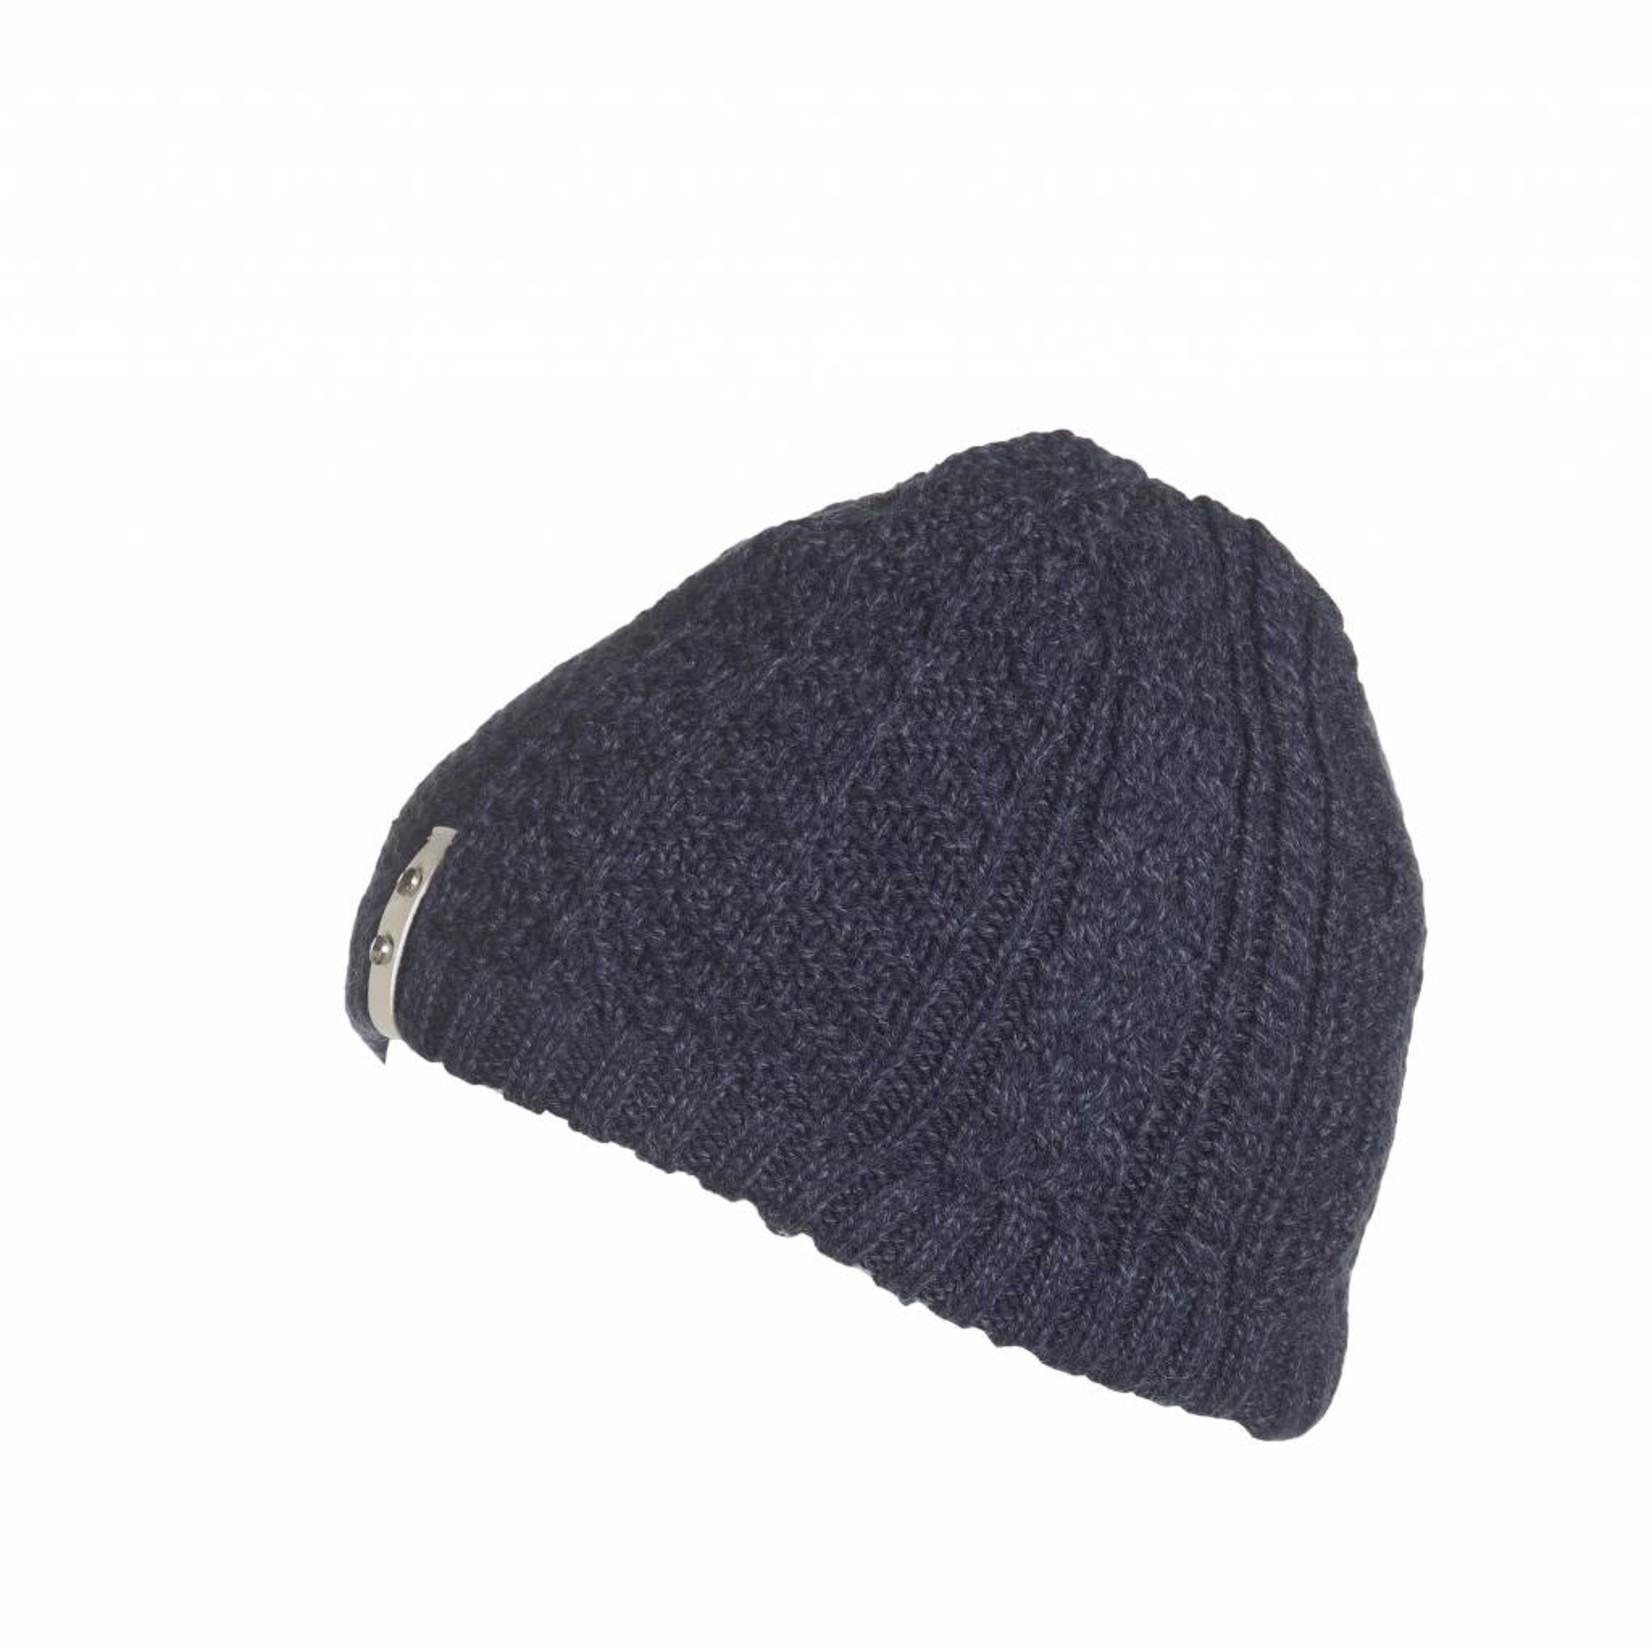 PHENIX Moonlight Knit Hat - IN